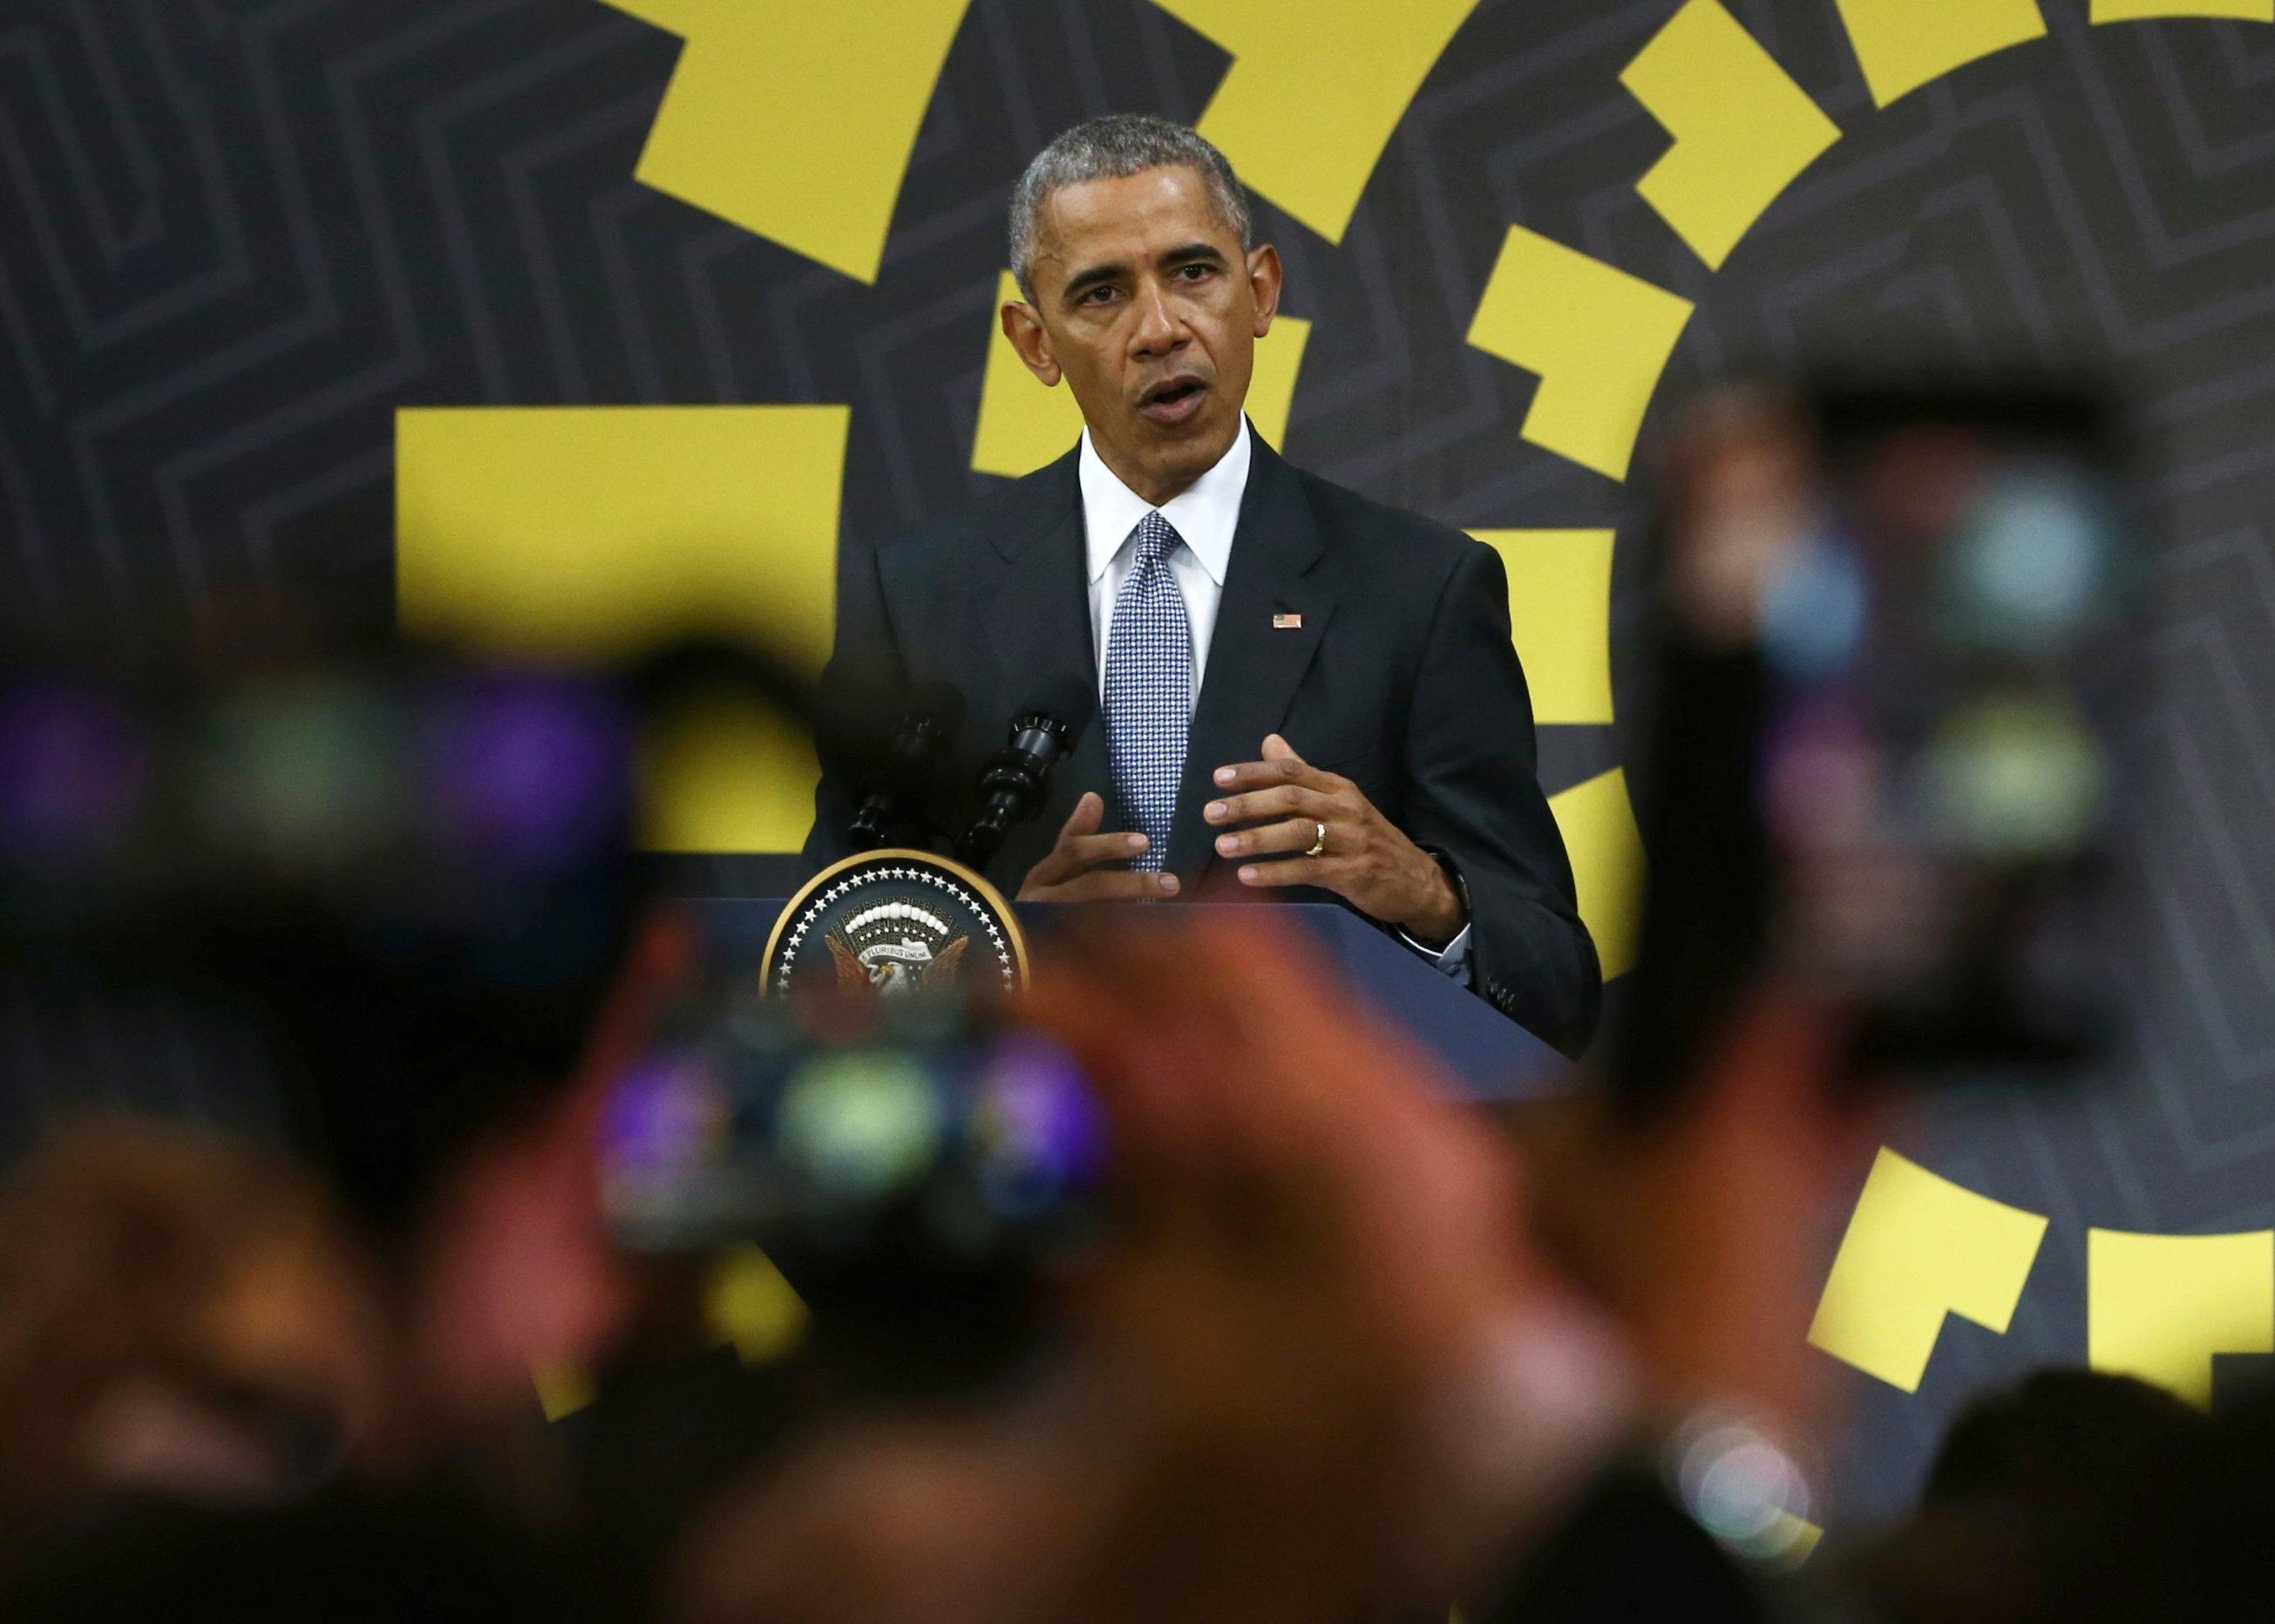 奥巴马表示不担心上次担任民主党美国领导人一段时间